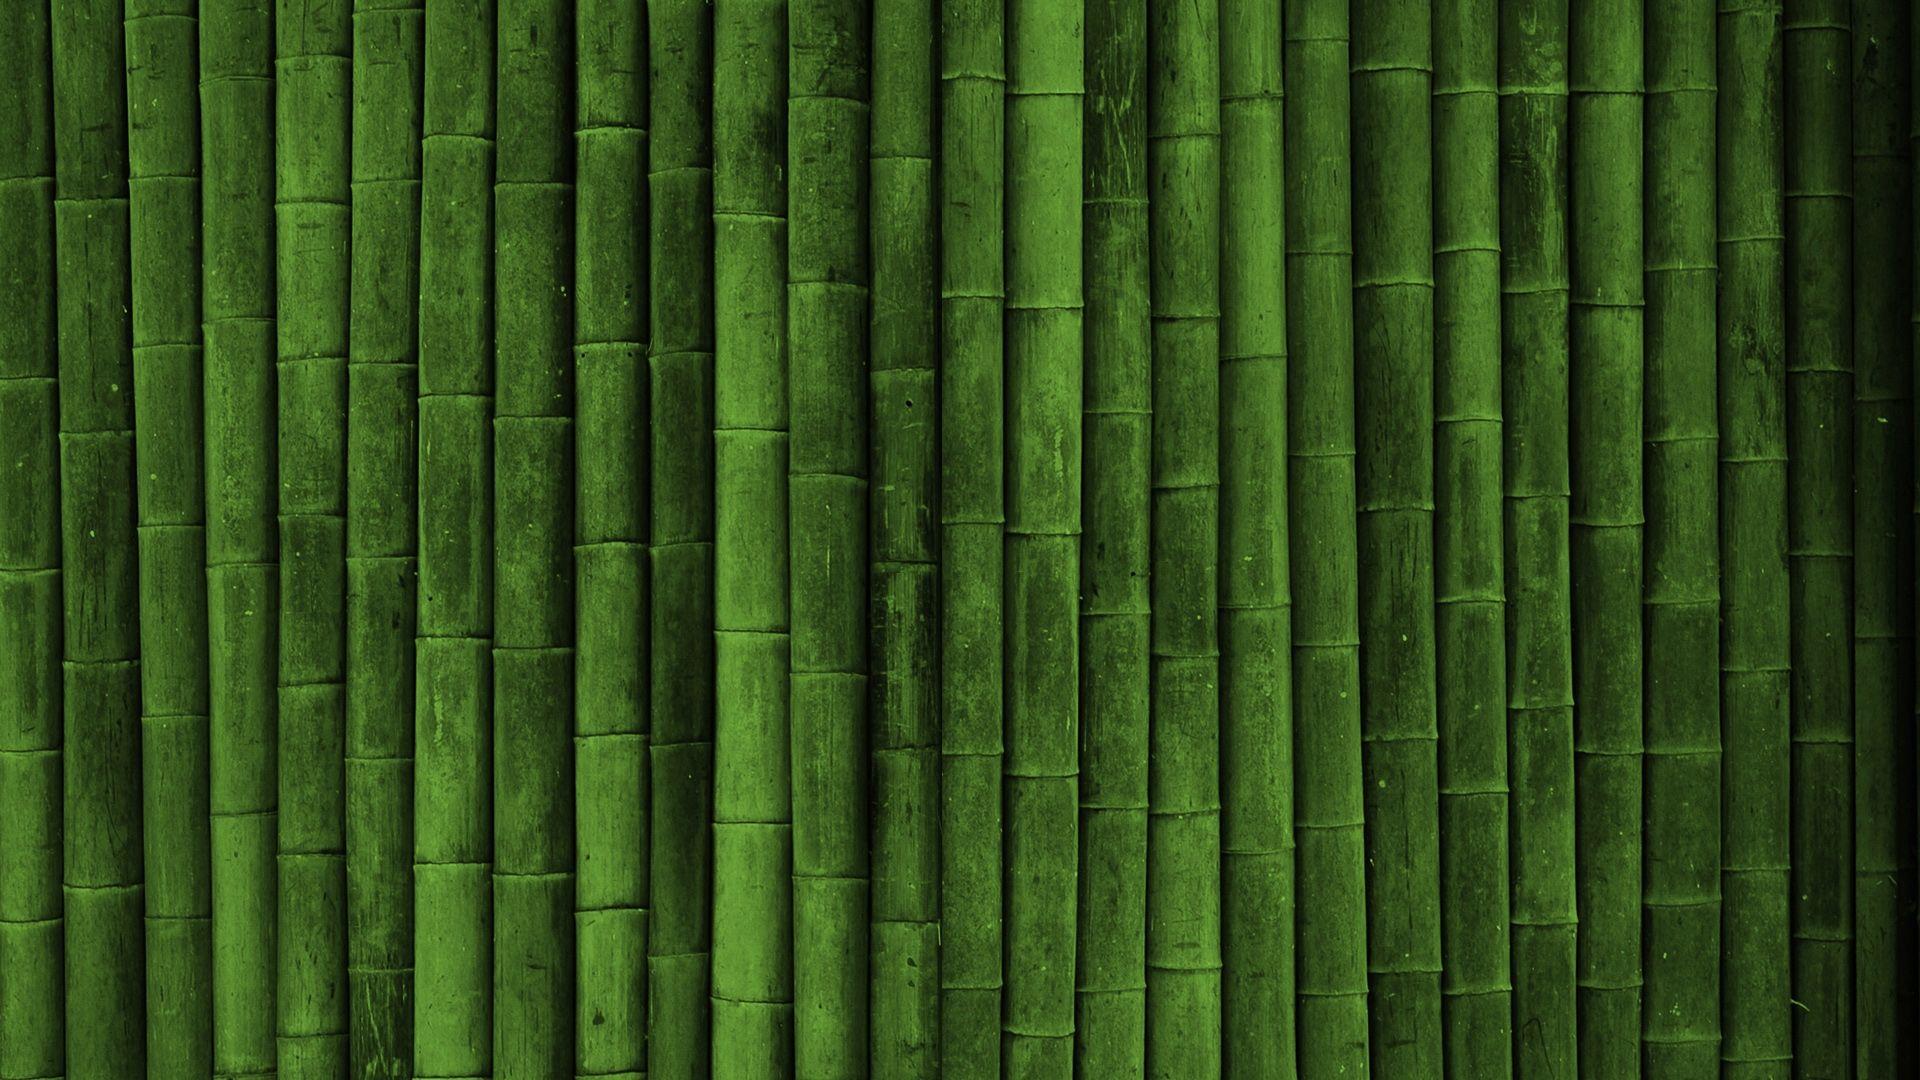 widescreen wallpaper A2